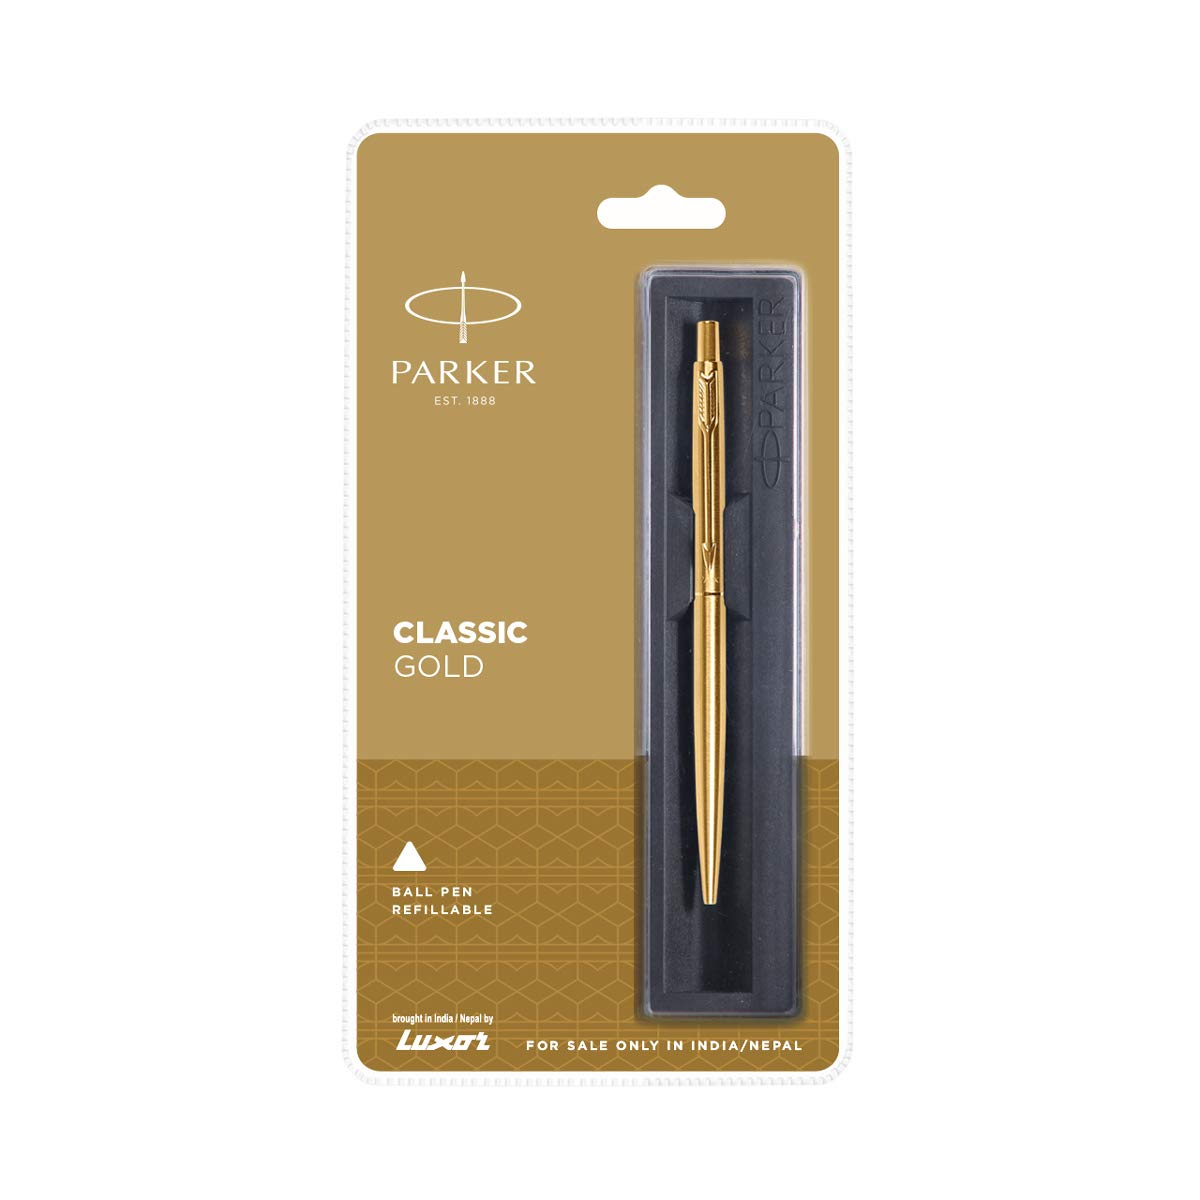 New Gold Trim Blue Ink Parker Classic Jotter Matte Brown GT Ball Point Pen